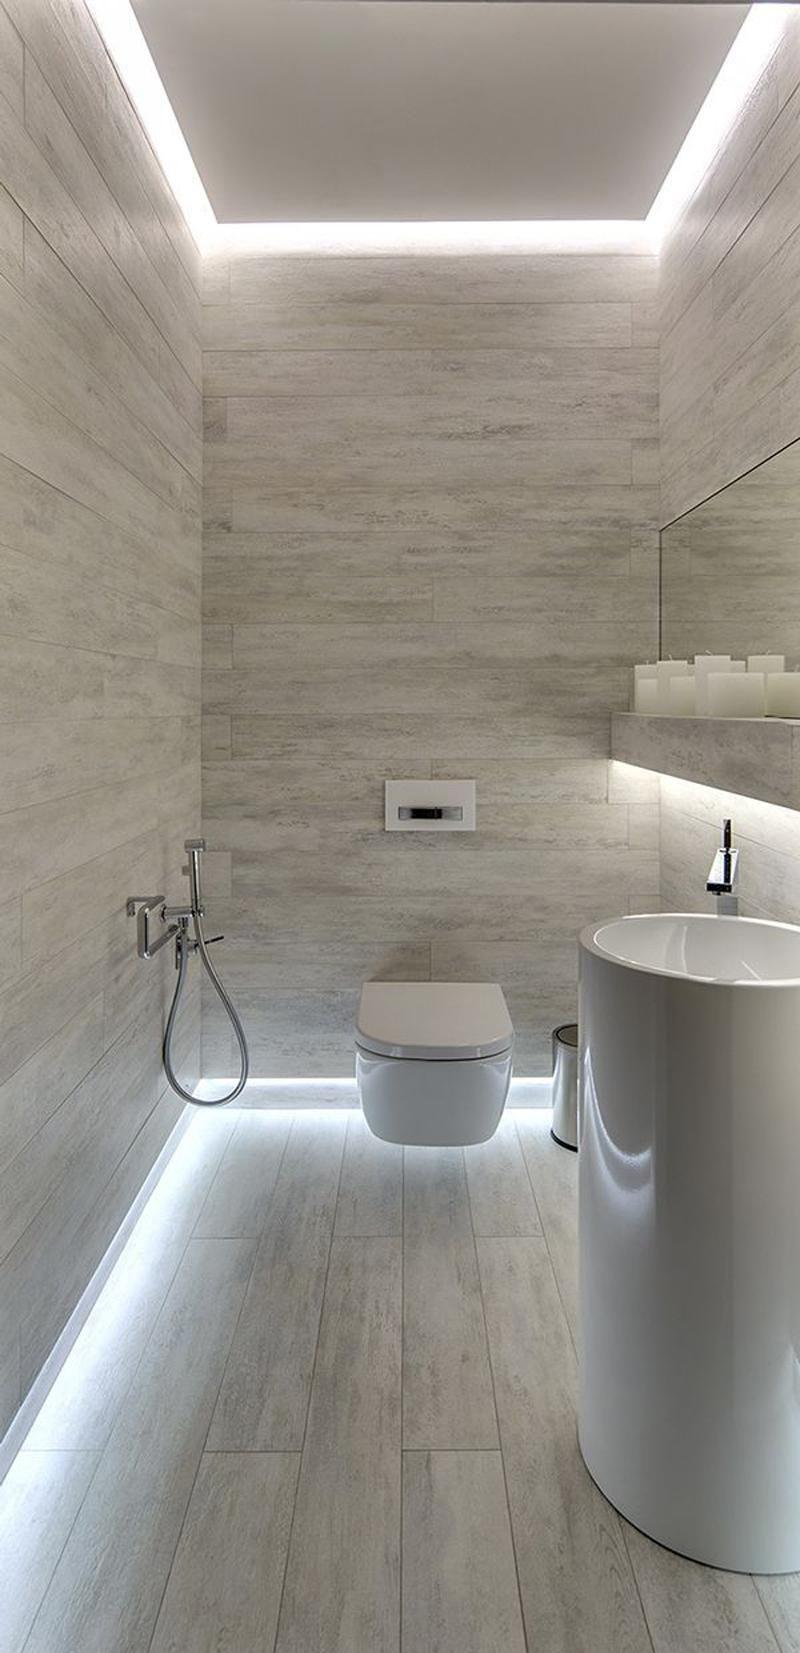 Яркое освещение по периметру пола и потолка в ванной